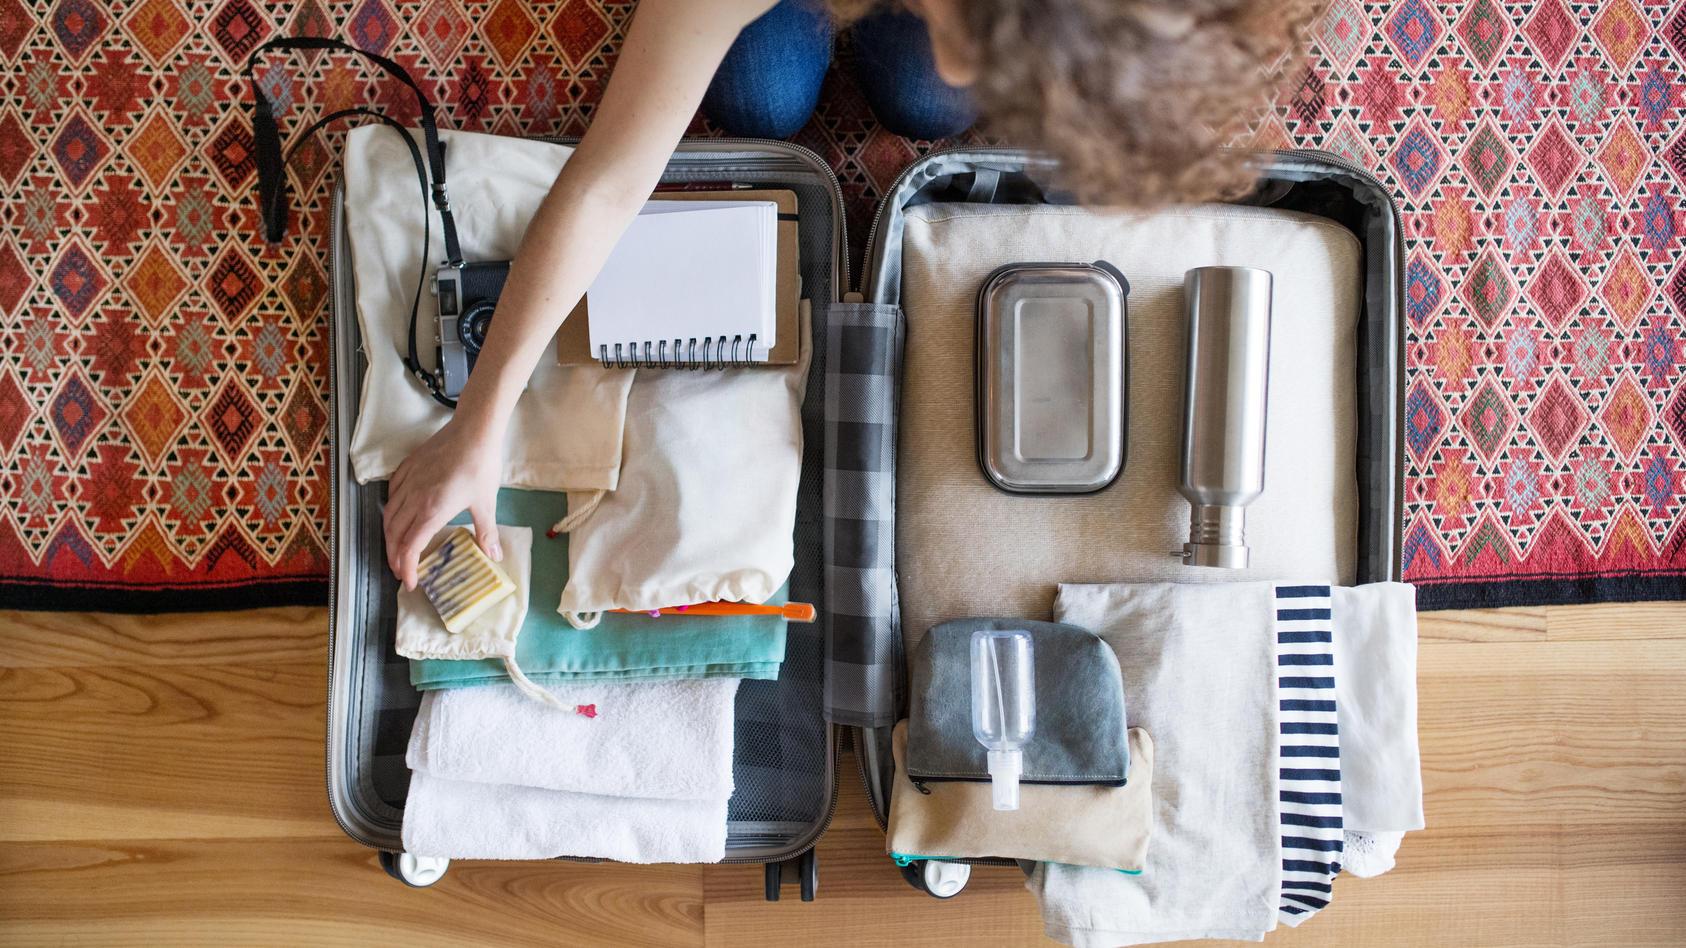 """Mit unseren Tipps bringt Sie die Frage """"Was darf ins Handgepäck und was nicht?"""" nicht mehr ins Schwitzen."""